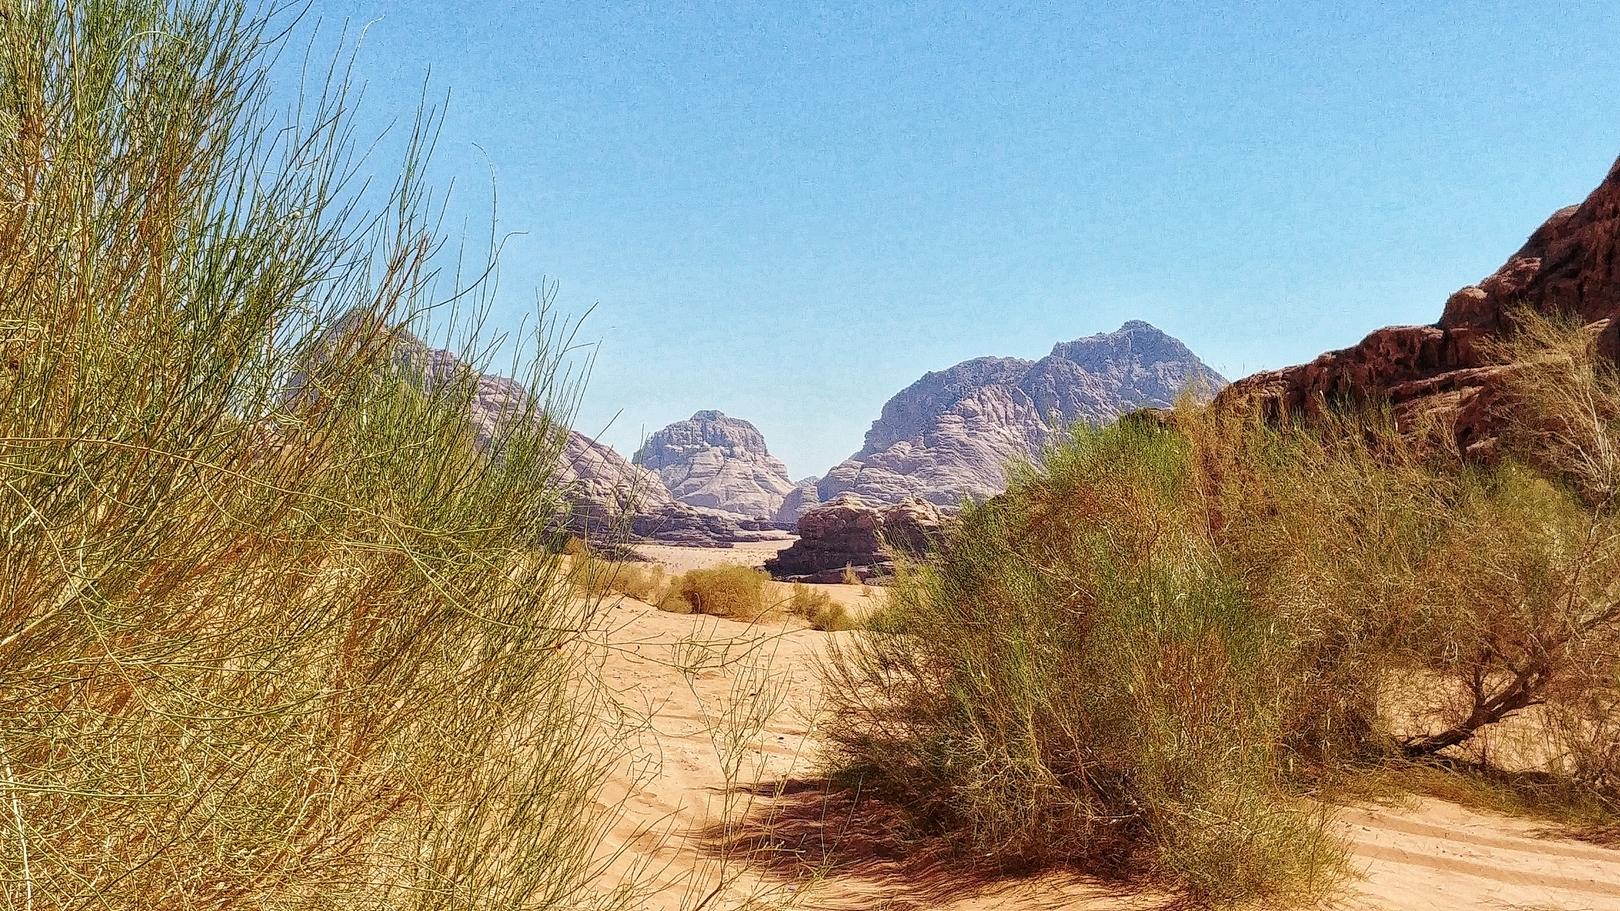 Jordanie - Désert de Wadi Rum